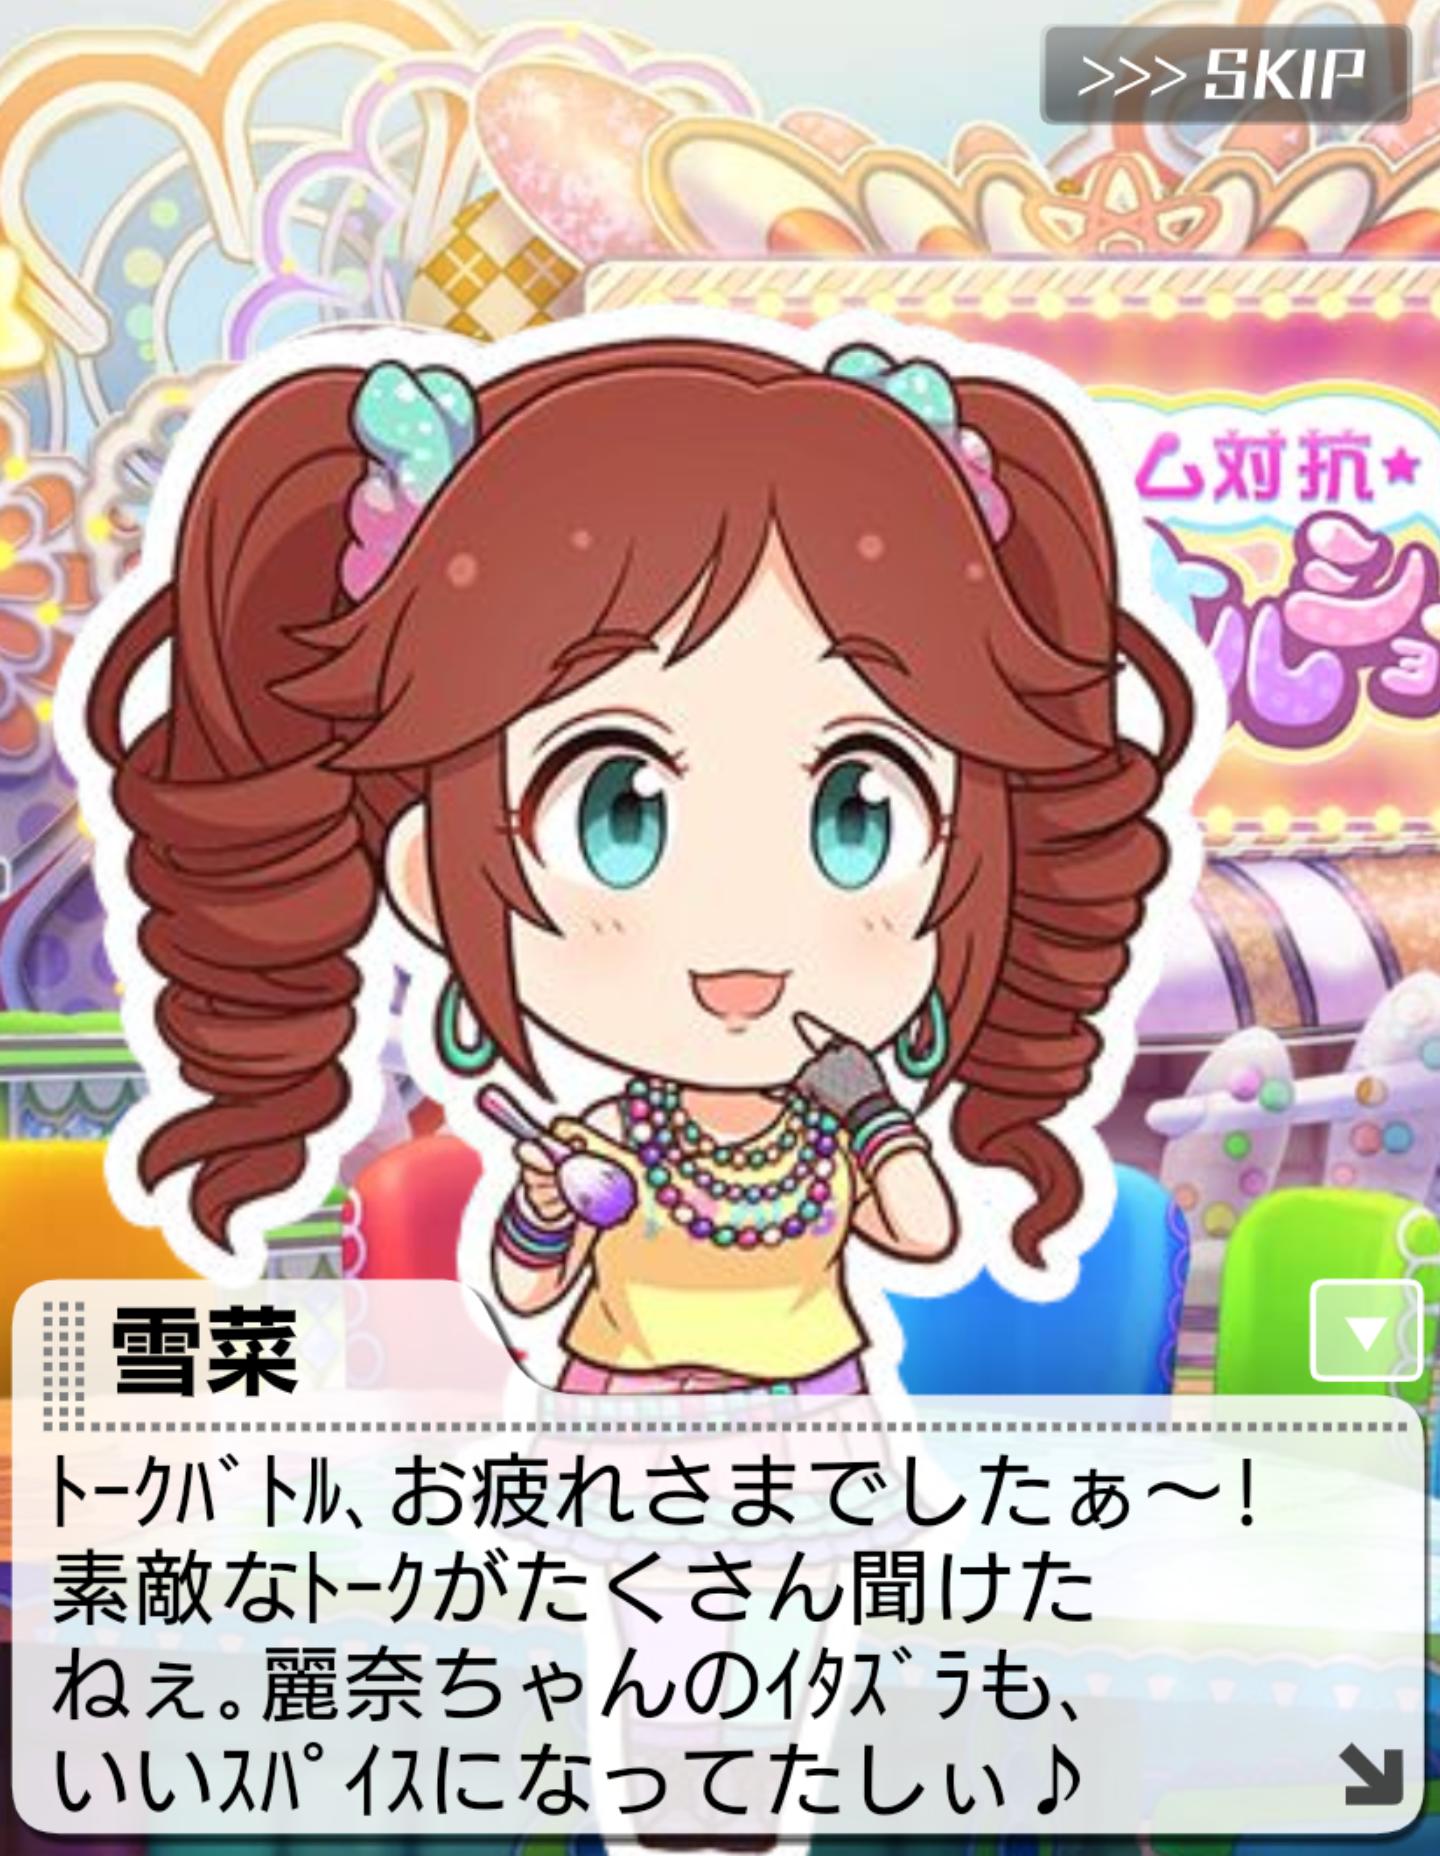 井村雪菜とレイナサマ 小関麗奈wiki ウルトラレイナサマペディア砲